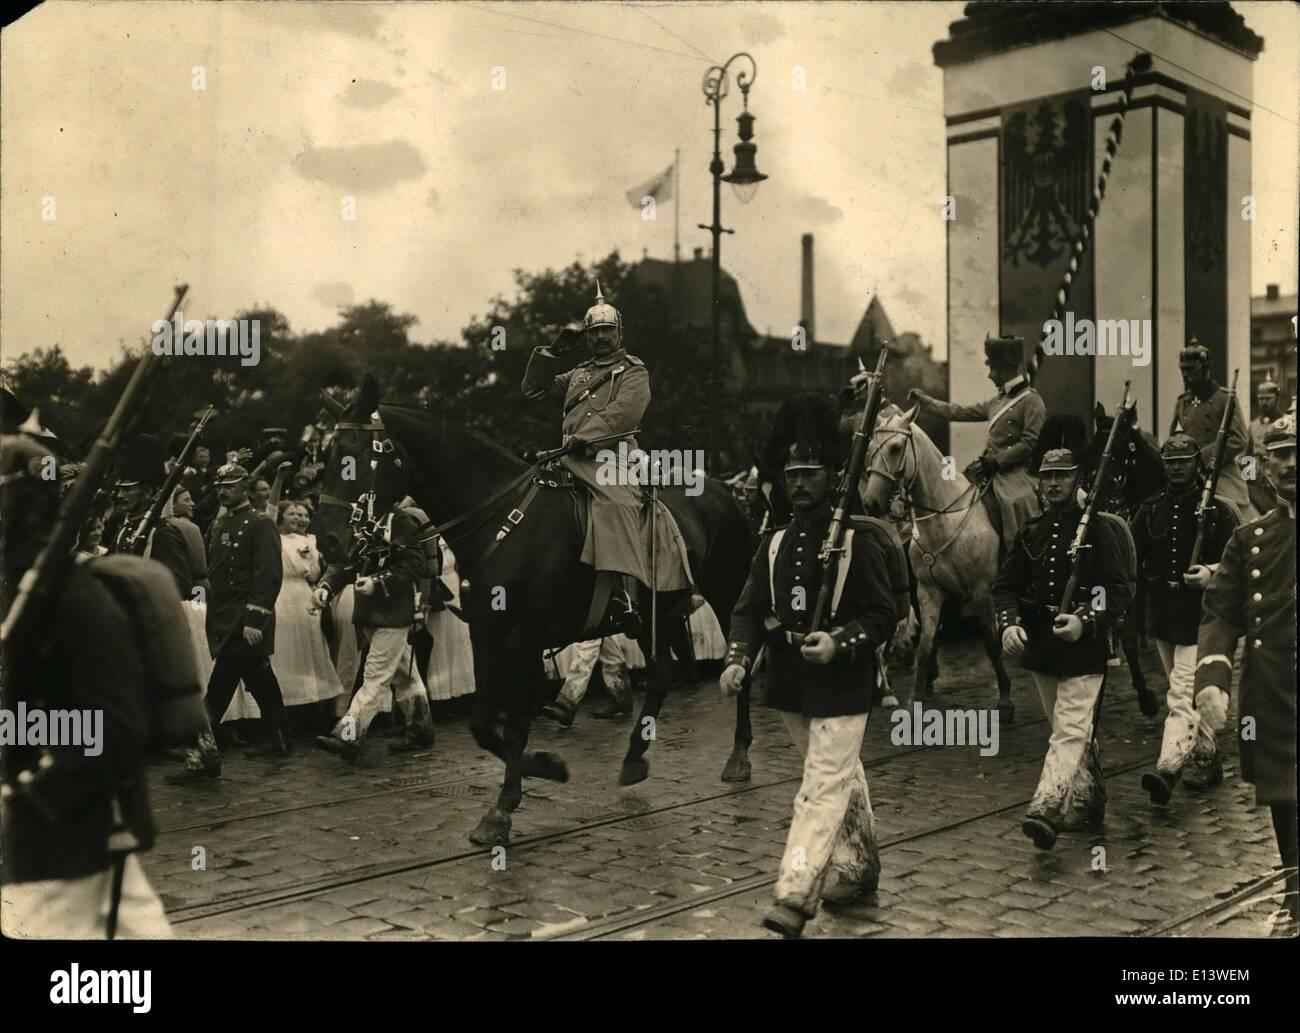 Mar. 27, 2012 - The Kaiser Wilhelm II arriving in Posen for a short visit. Stock Photo